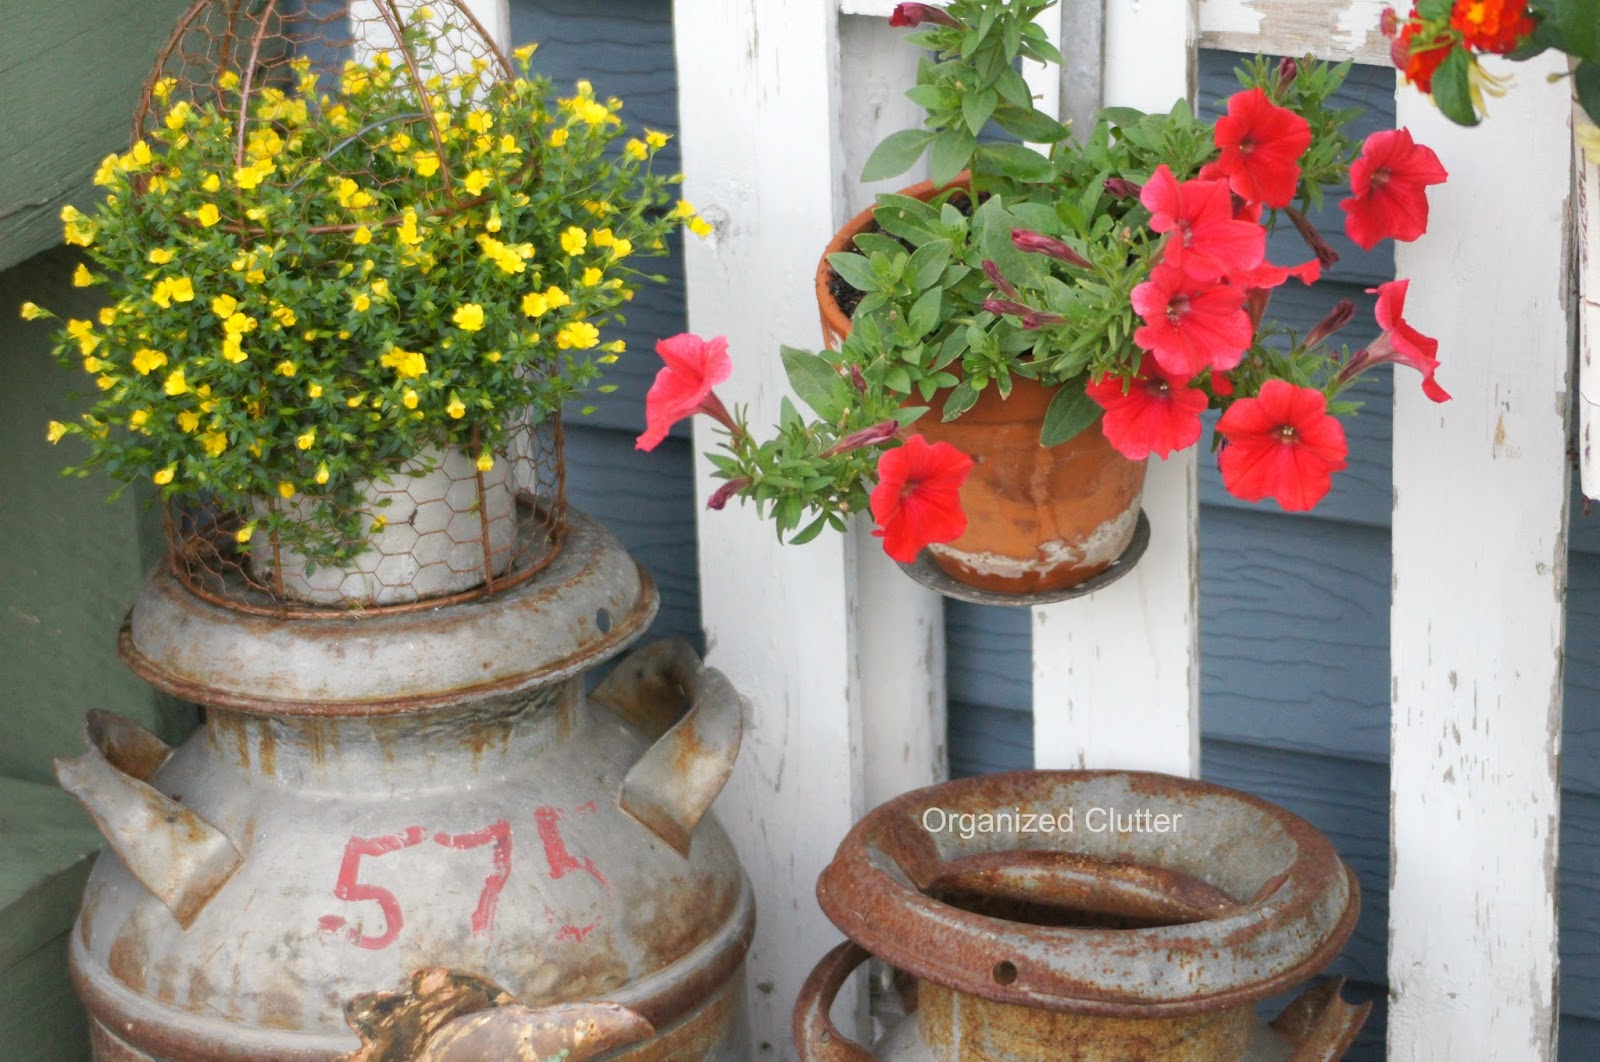 Rustic Garden Decor www.organizedclutterqueen.blogspot.com